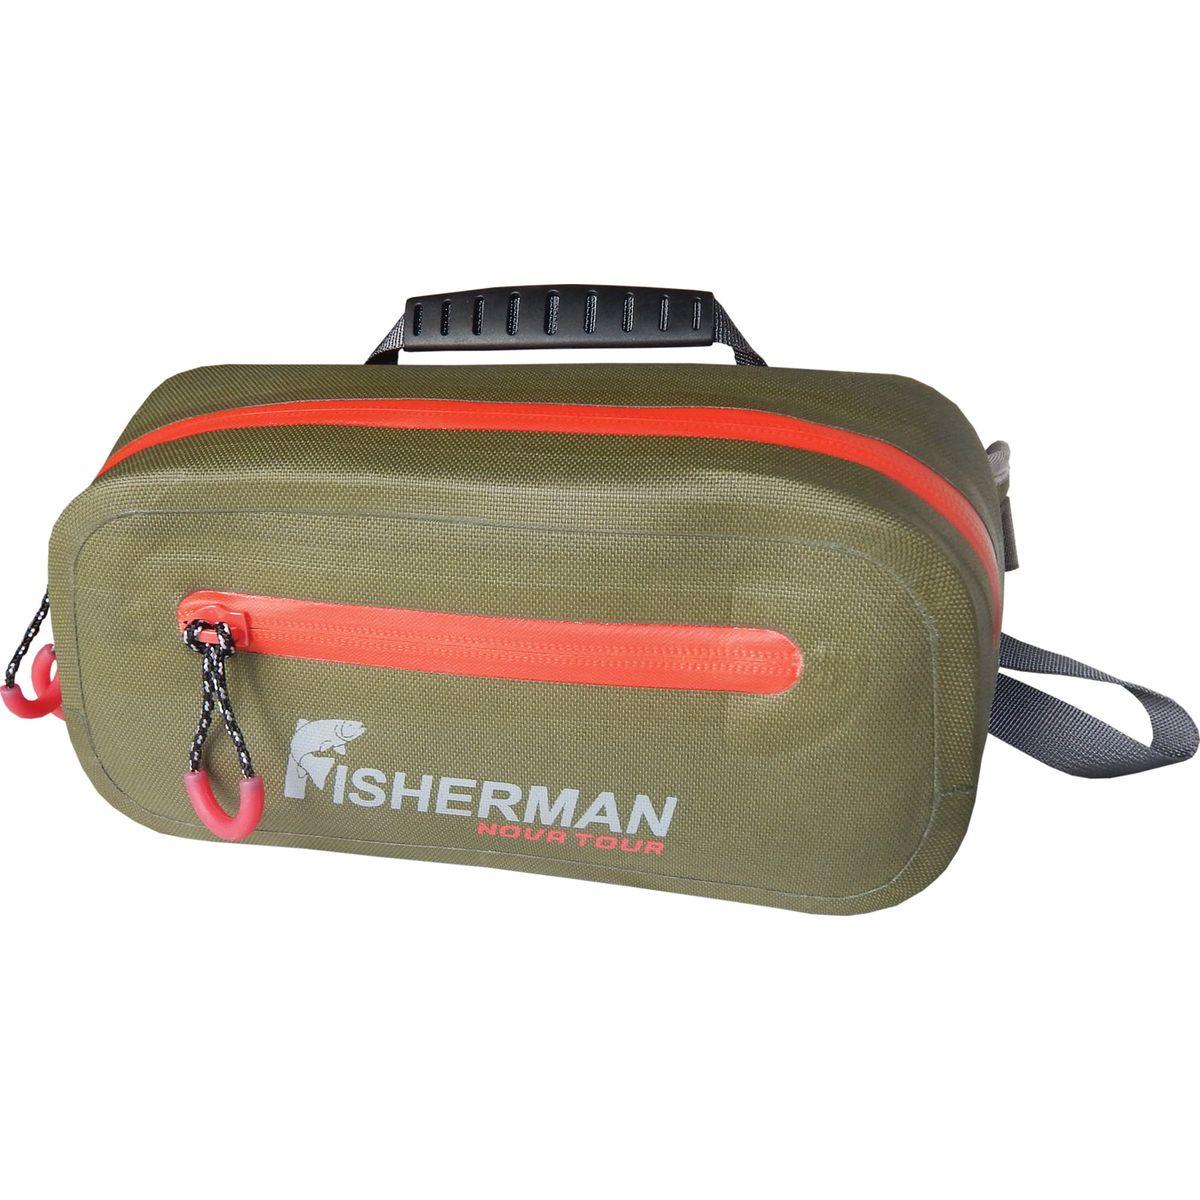 Сумка для рыбалки FisherMan Nova Tour сумка fisherman nova tour баррель pro